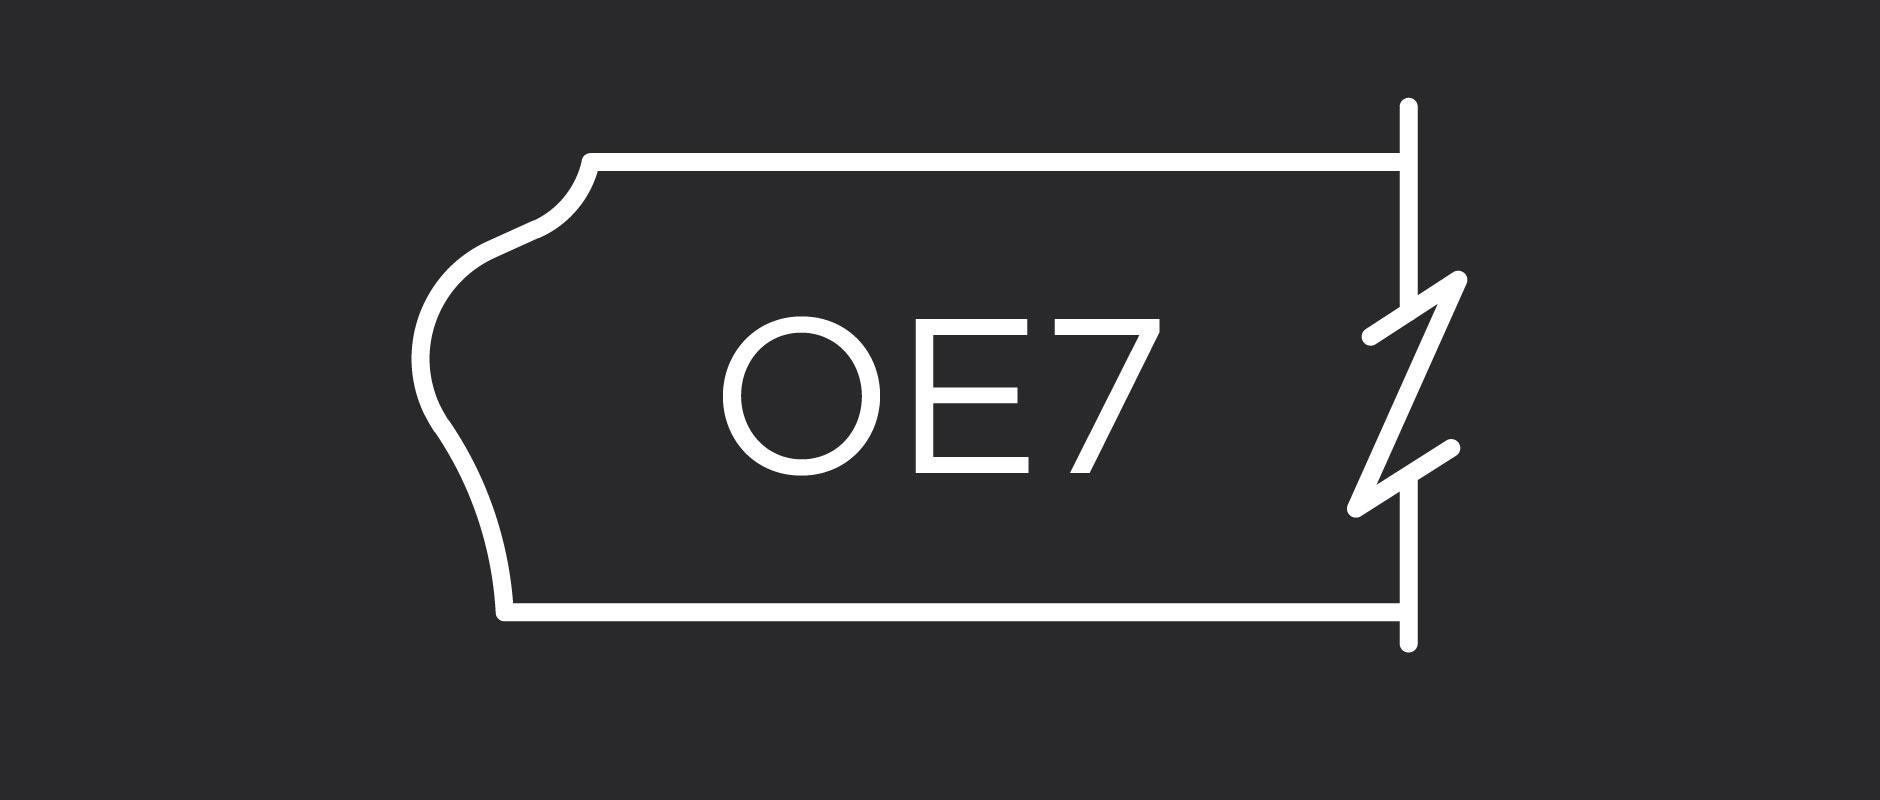 OE7 outside edge profile